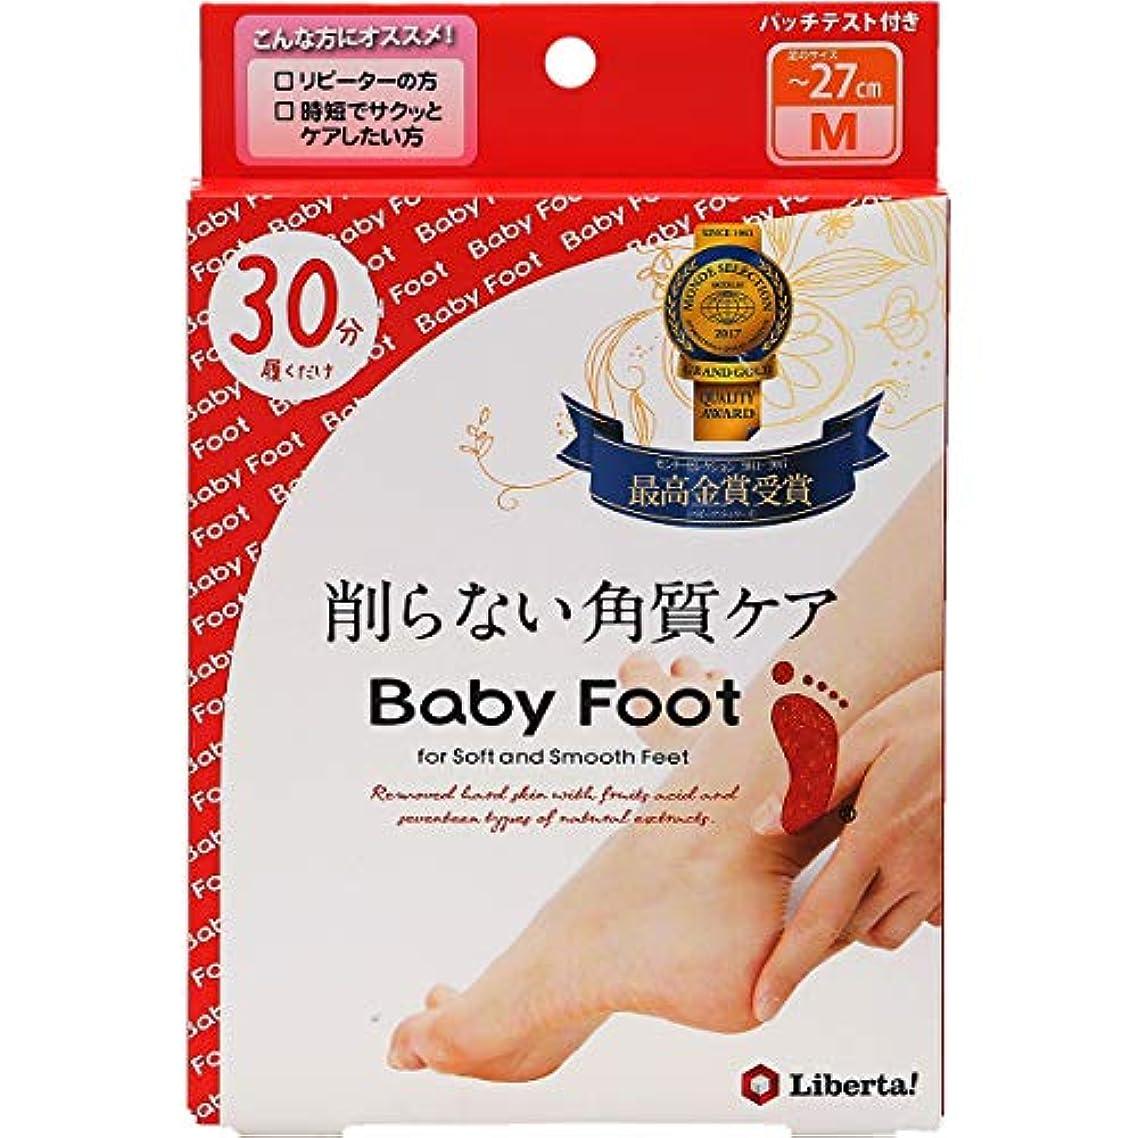 攻撃的服を洗う構想するベビーフット (Baby Foot) ベビーフット イージーパック30分タイプ Mサイズ 単品